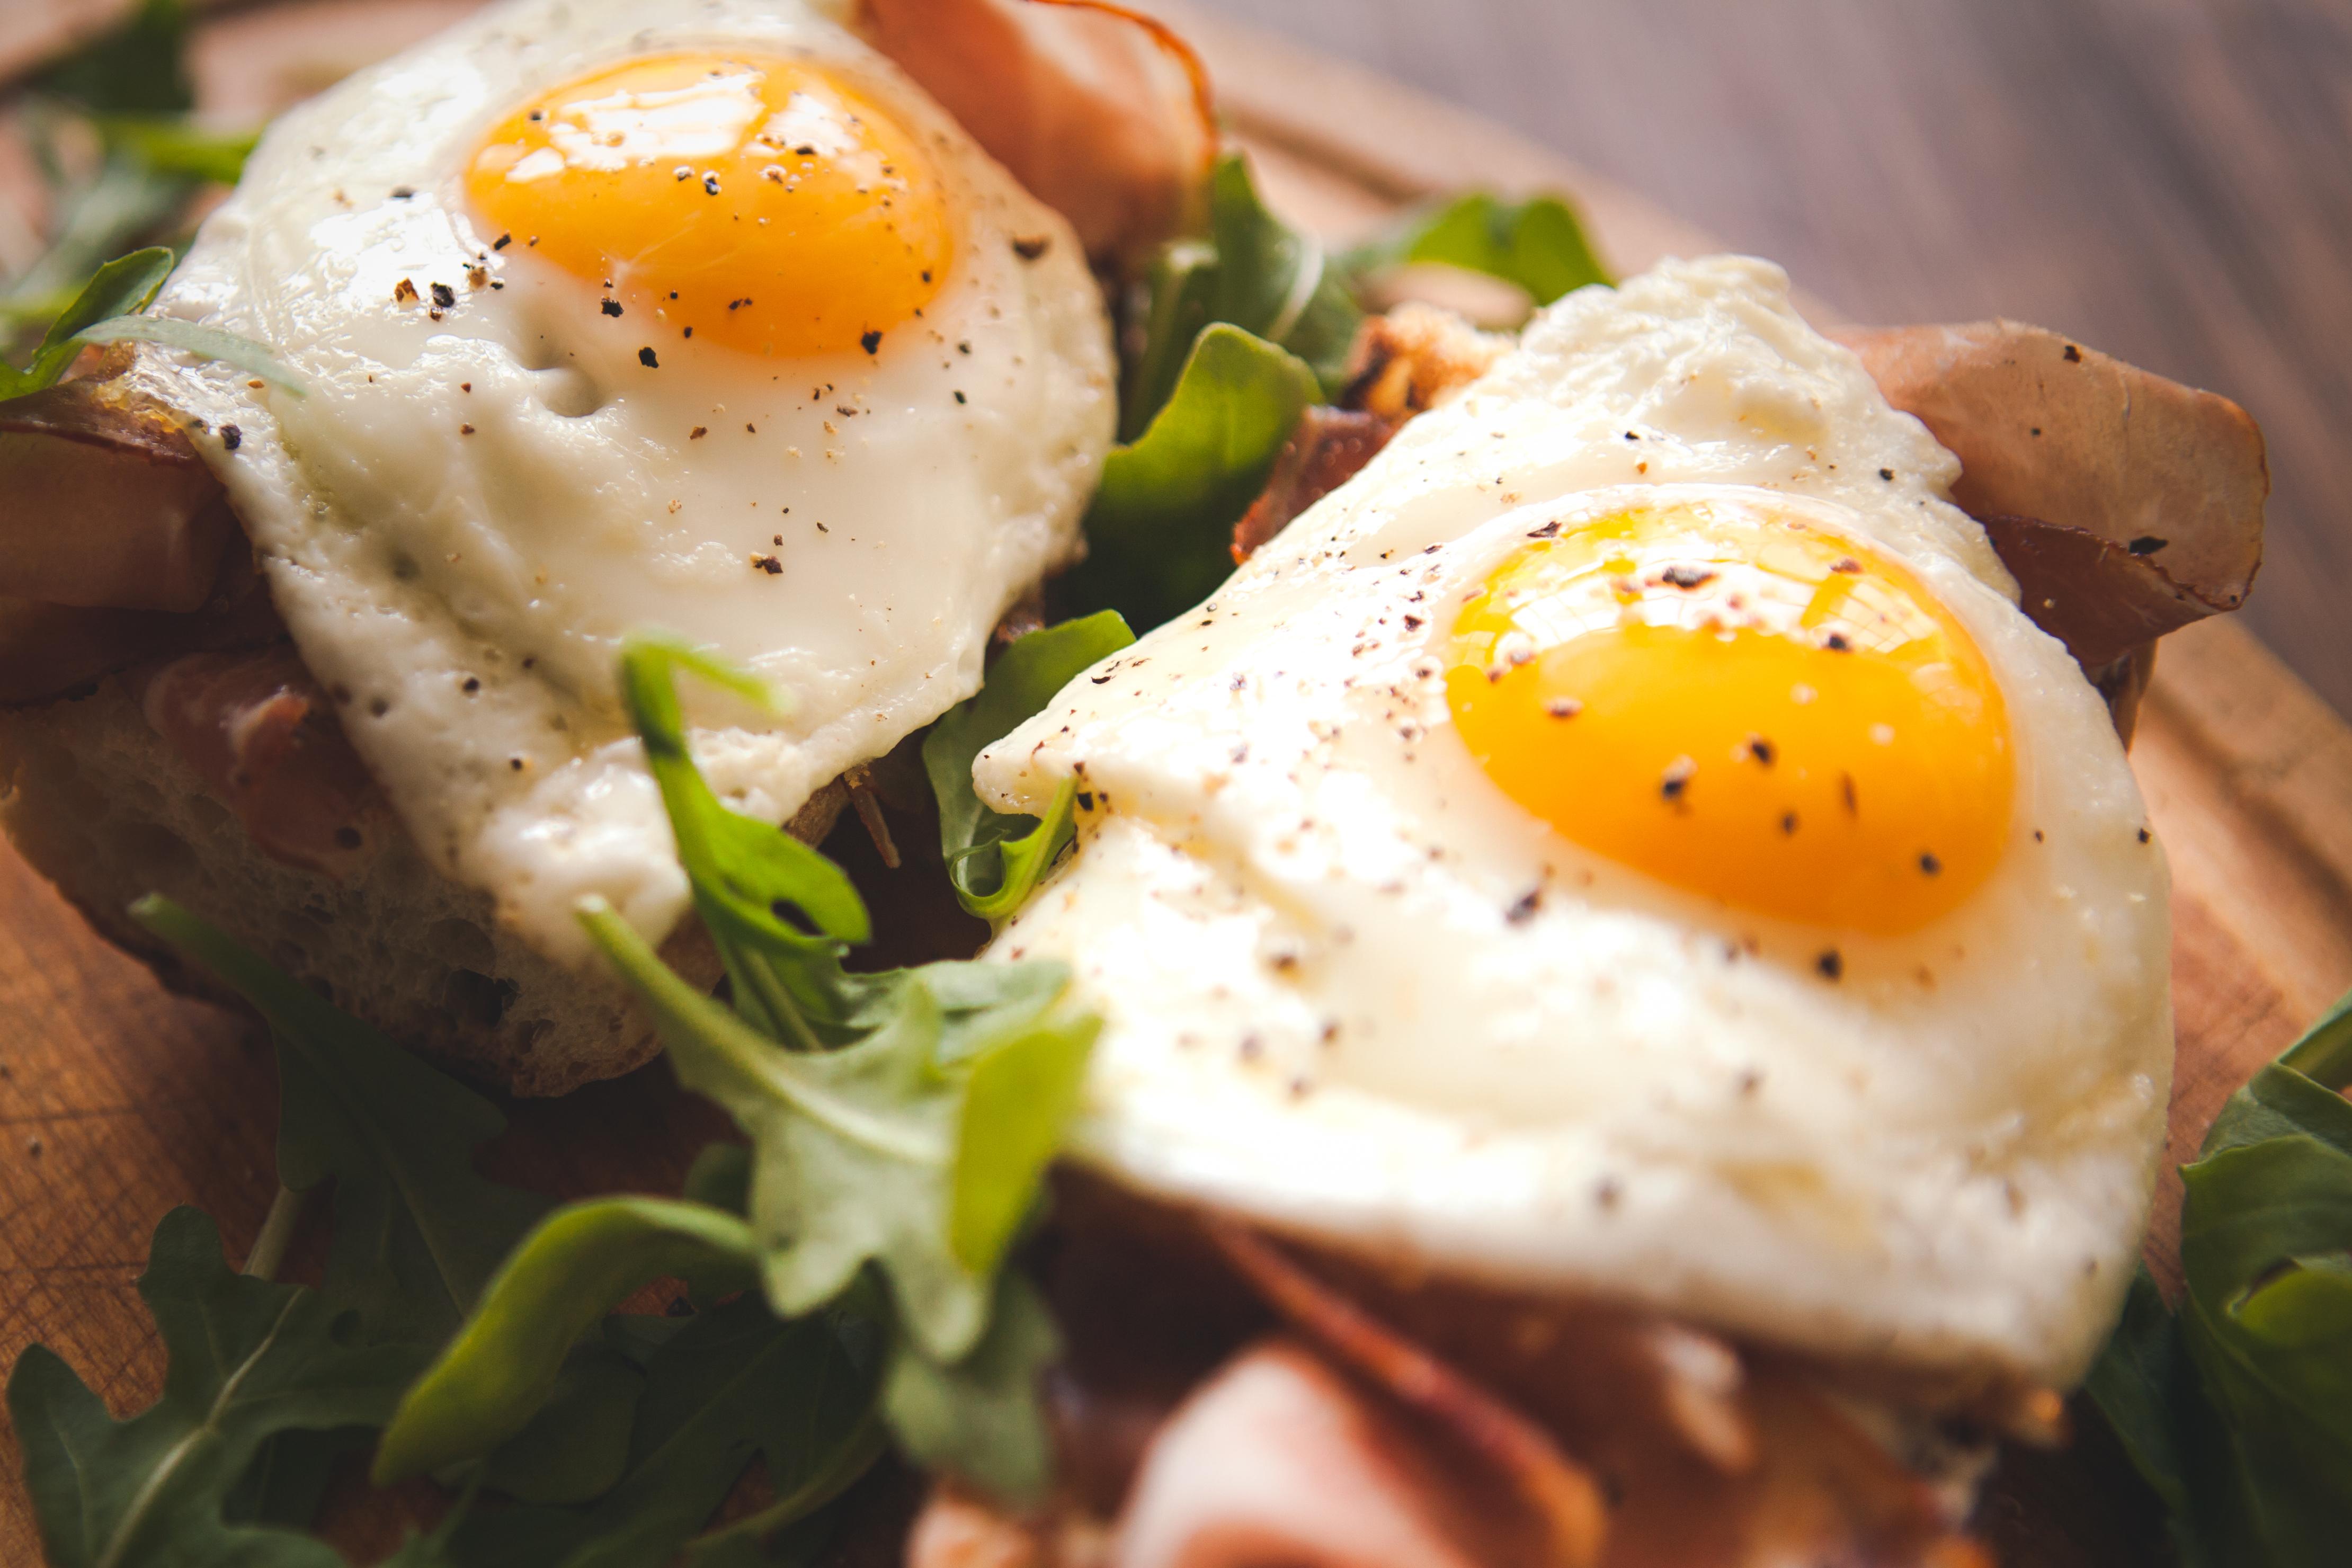 <p><strong>Яйца</strong></p>  <p>Дълго време се твърдеше, че яйцата повишават нивото на лошия холестерол в кръвта и увеличават риска от сърдечни заболявания. Няма обаче изследвания, които да са установили зависимост между консумацията на яйца и риска от сърдечни заболявания.</p>  <p>Основният фактор за покачване на лошия холестерол са наситените мазнини.</p>